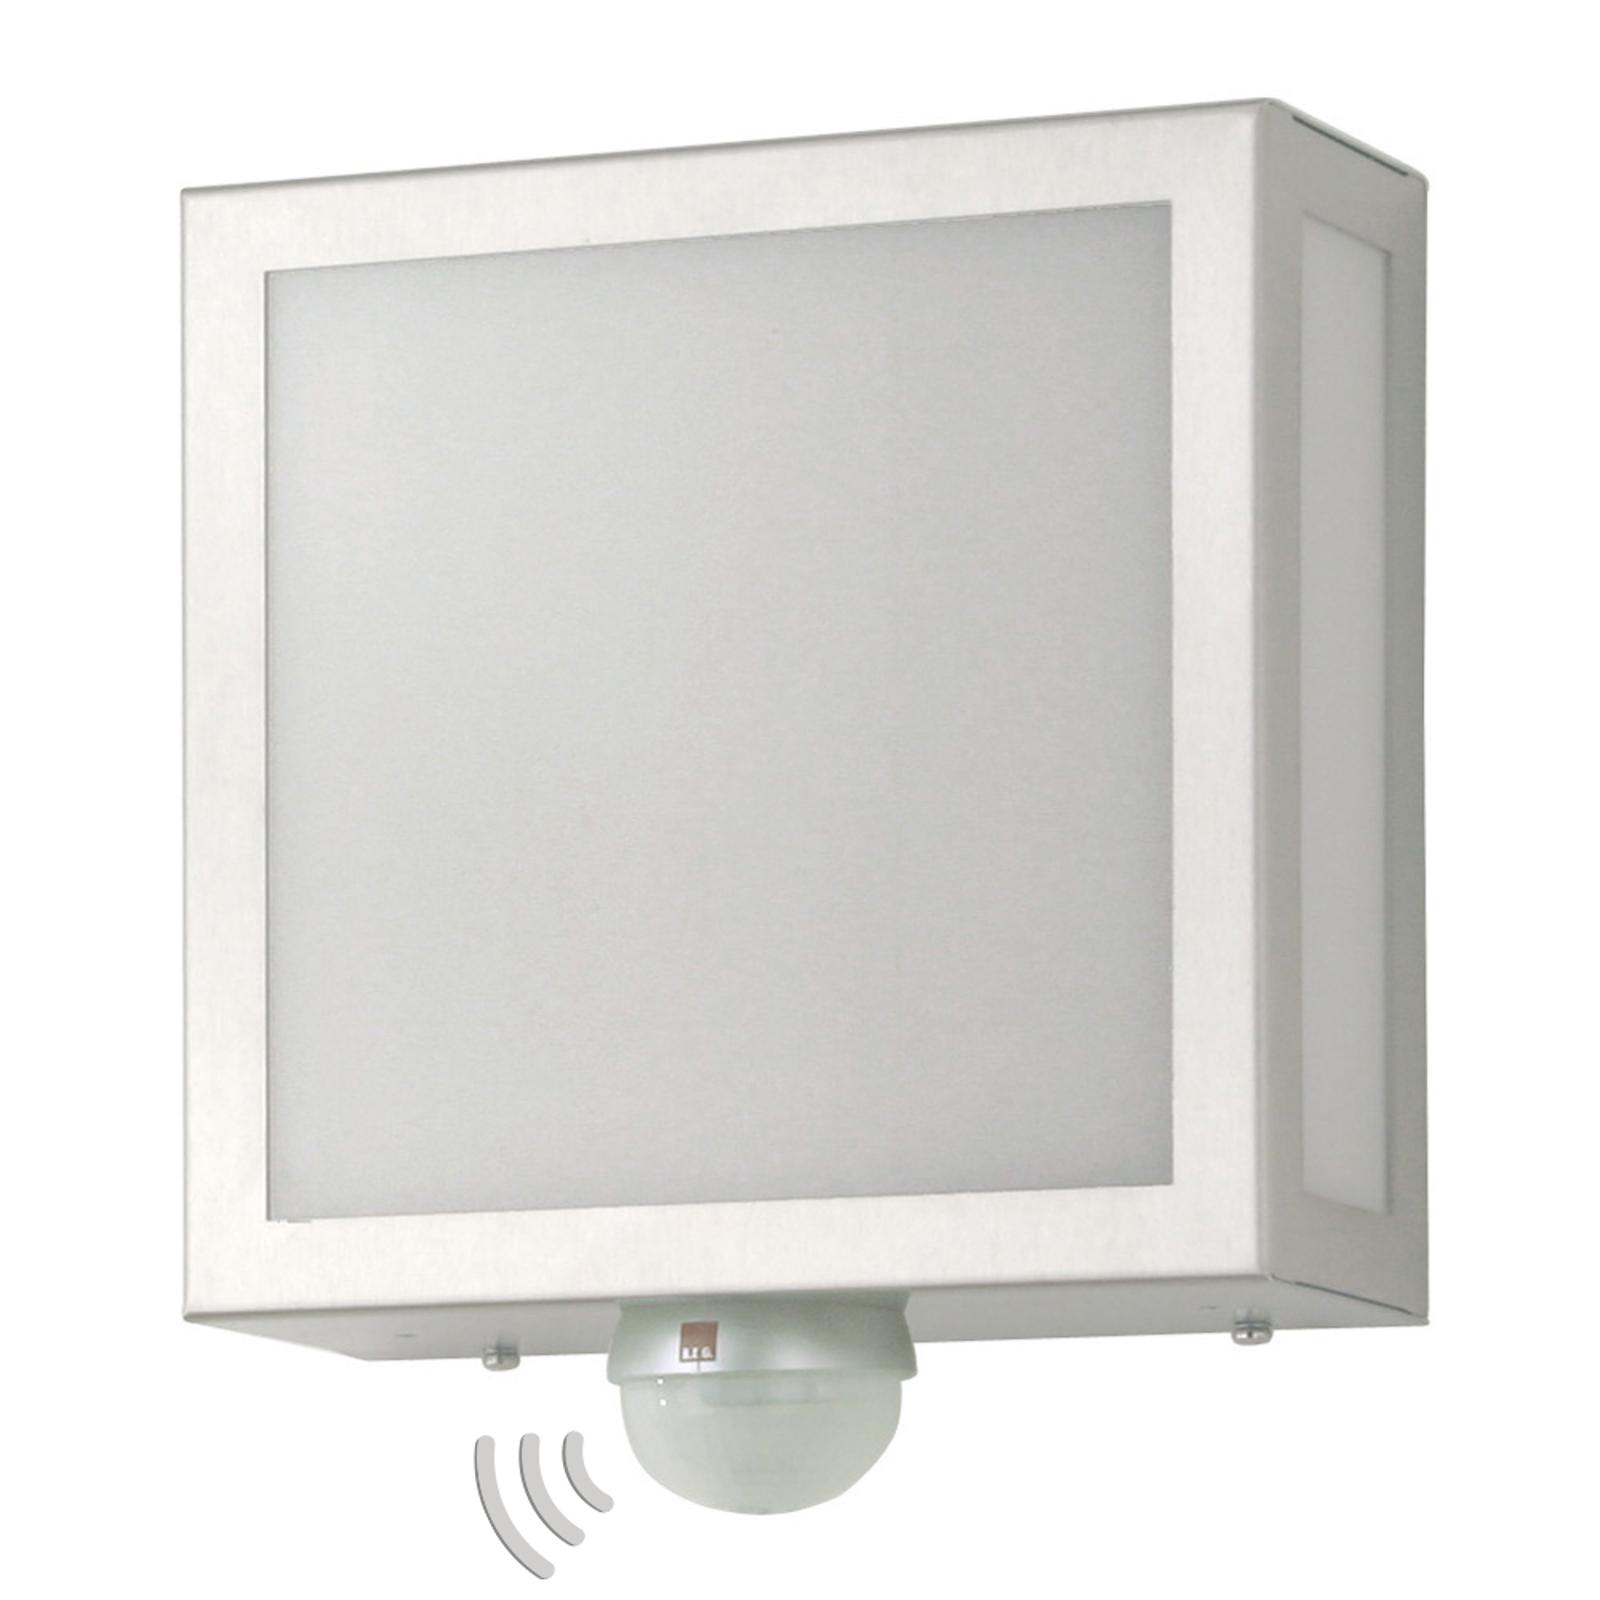 Buitenwandlamp MARTIN met bewegingssensor